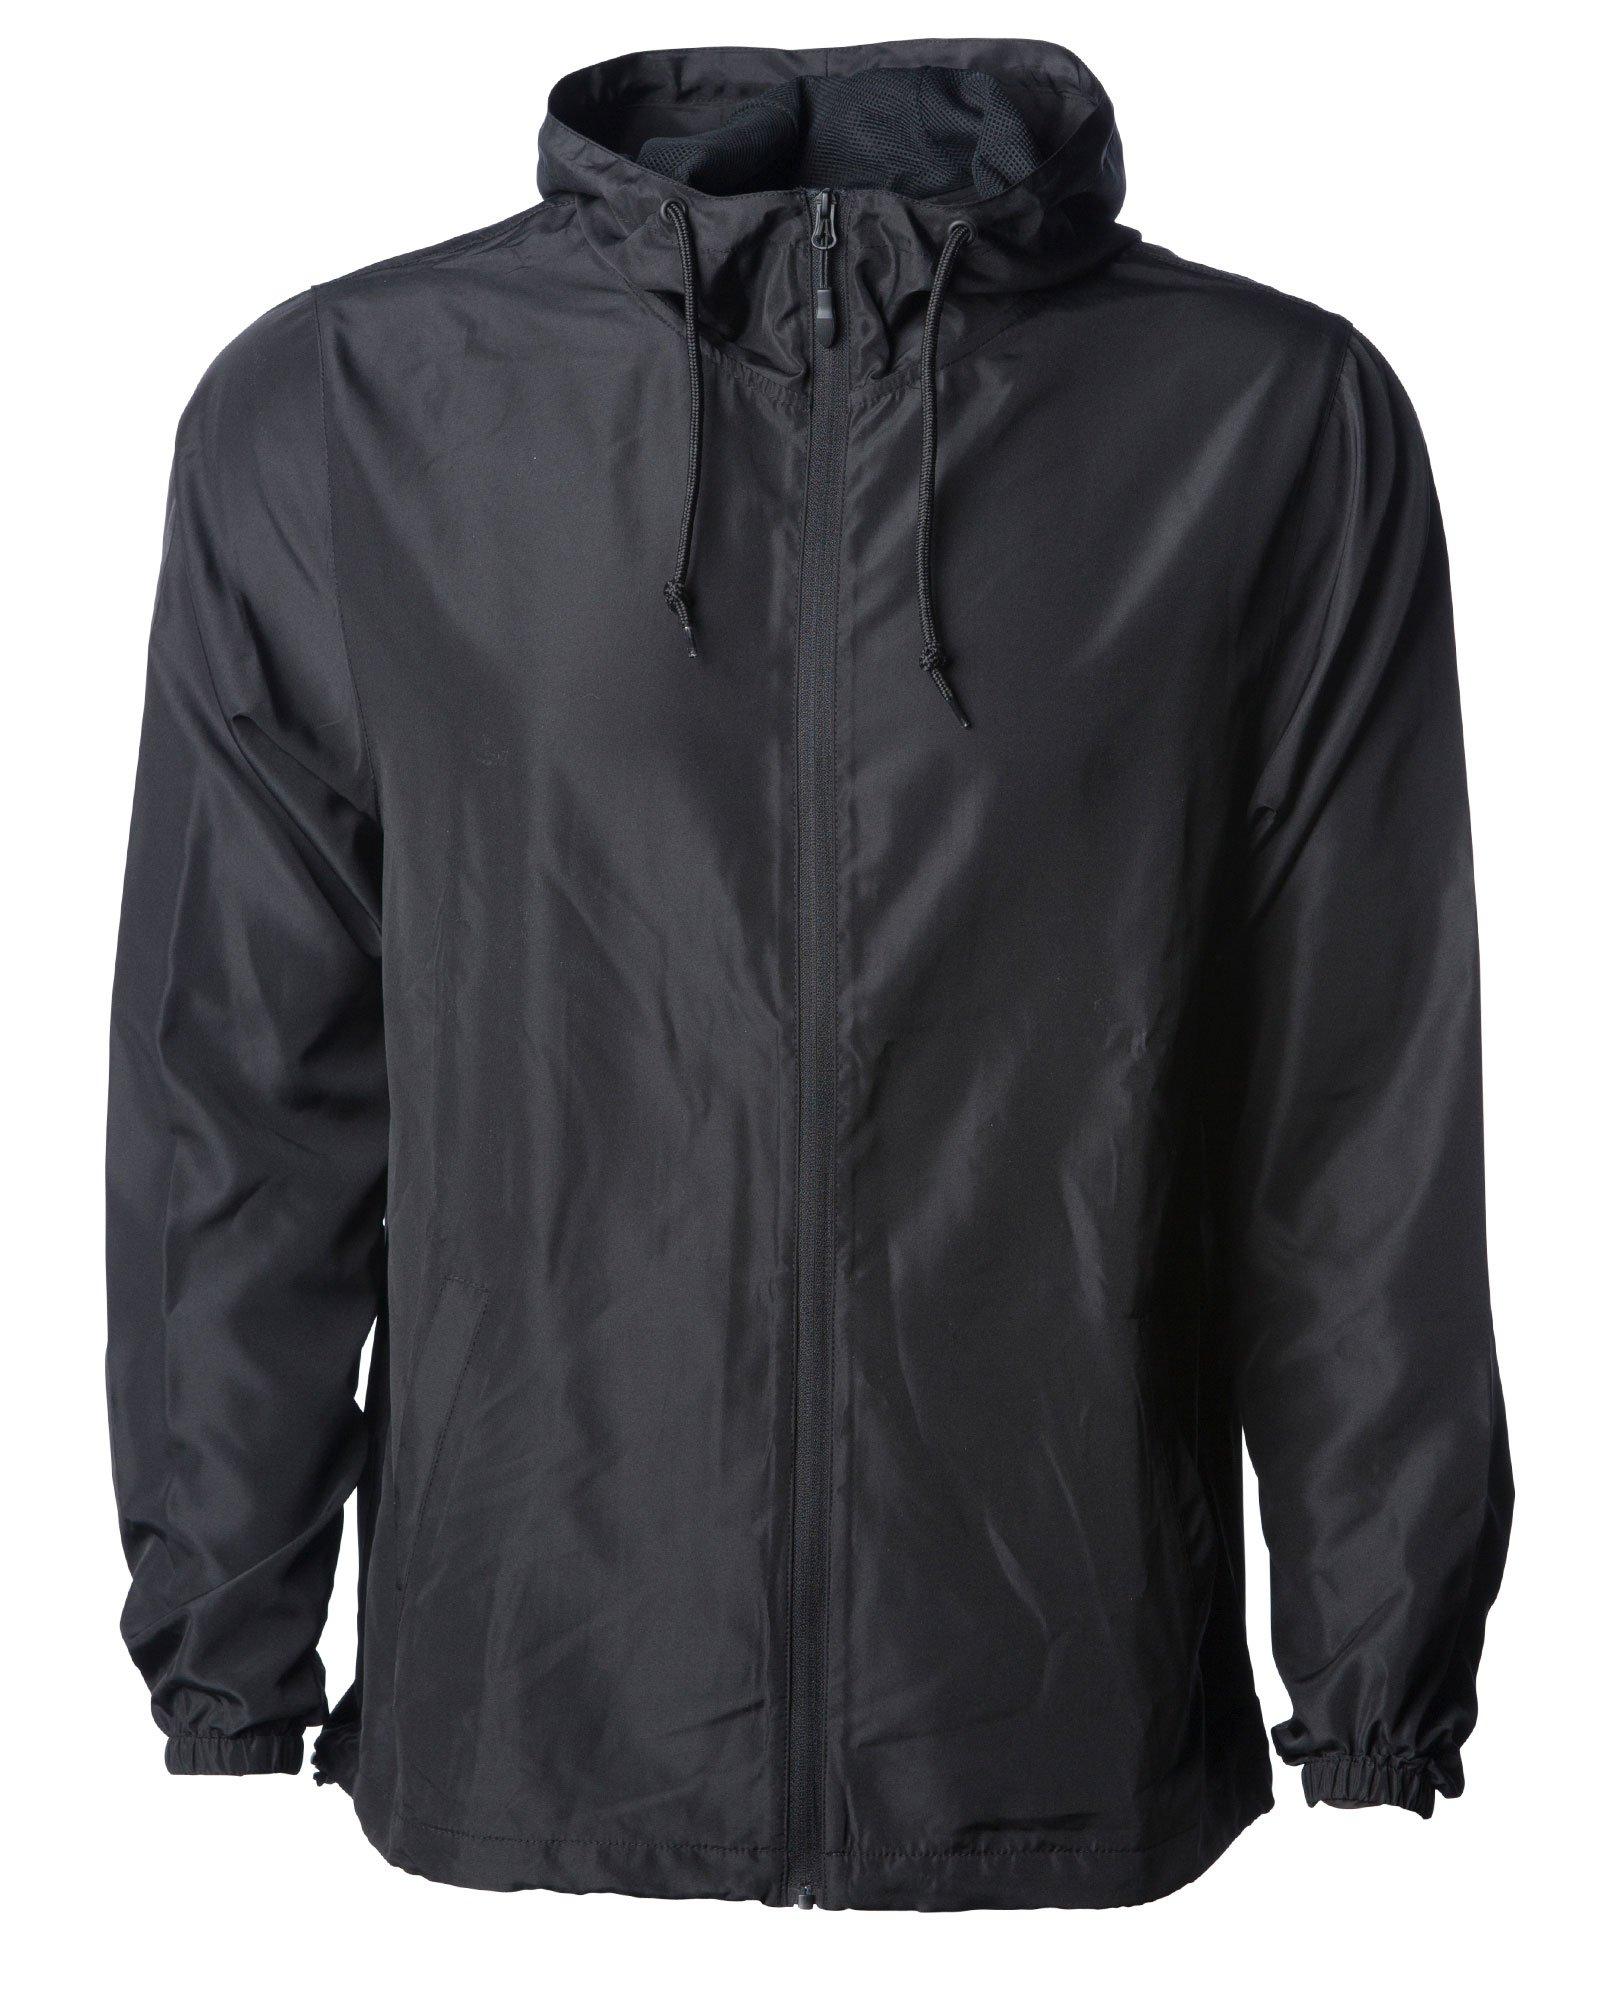 Global Men's Hooded Lightweight Windbreaker Rain Jacket Water Resistant Shell